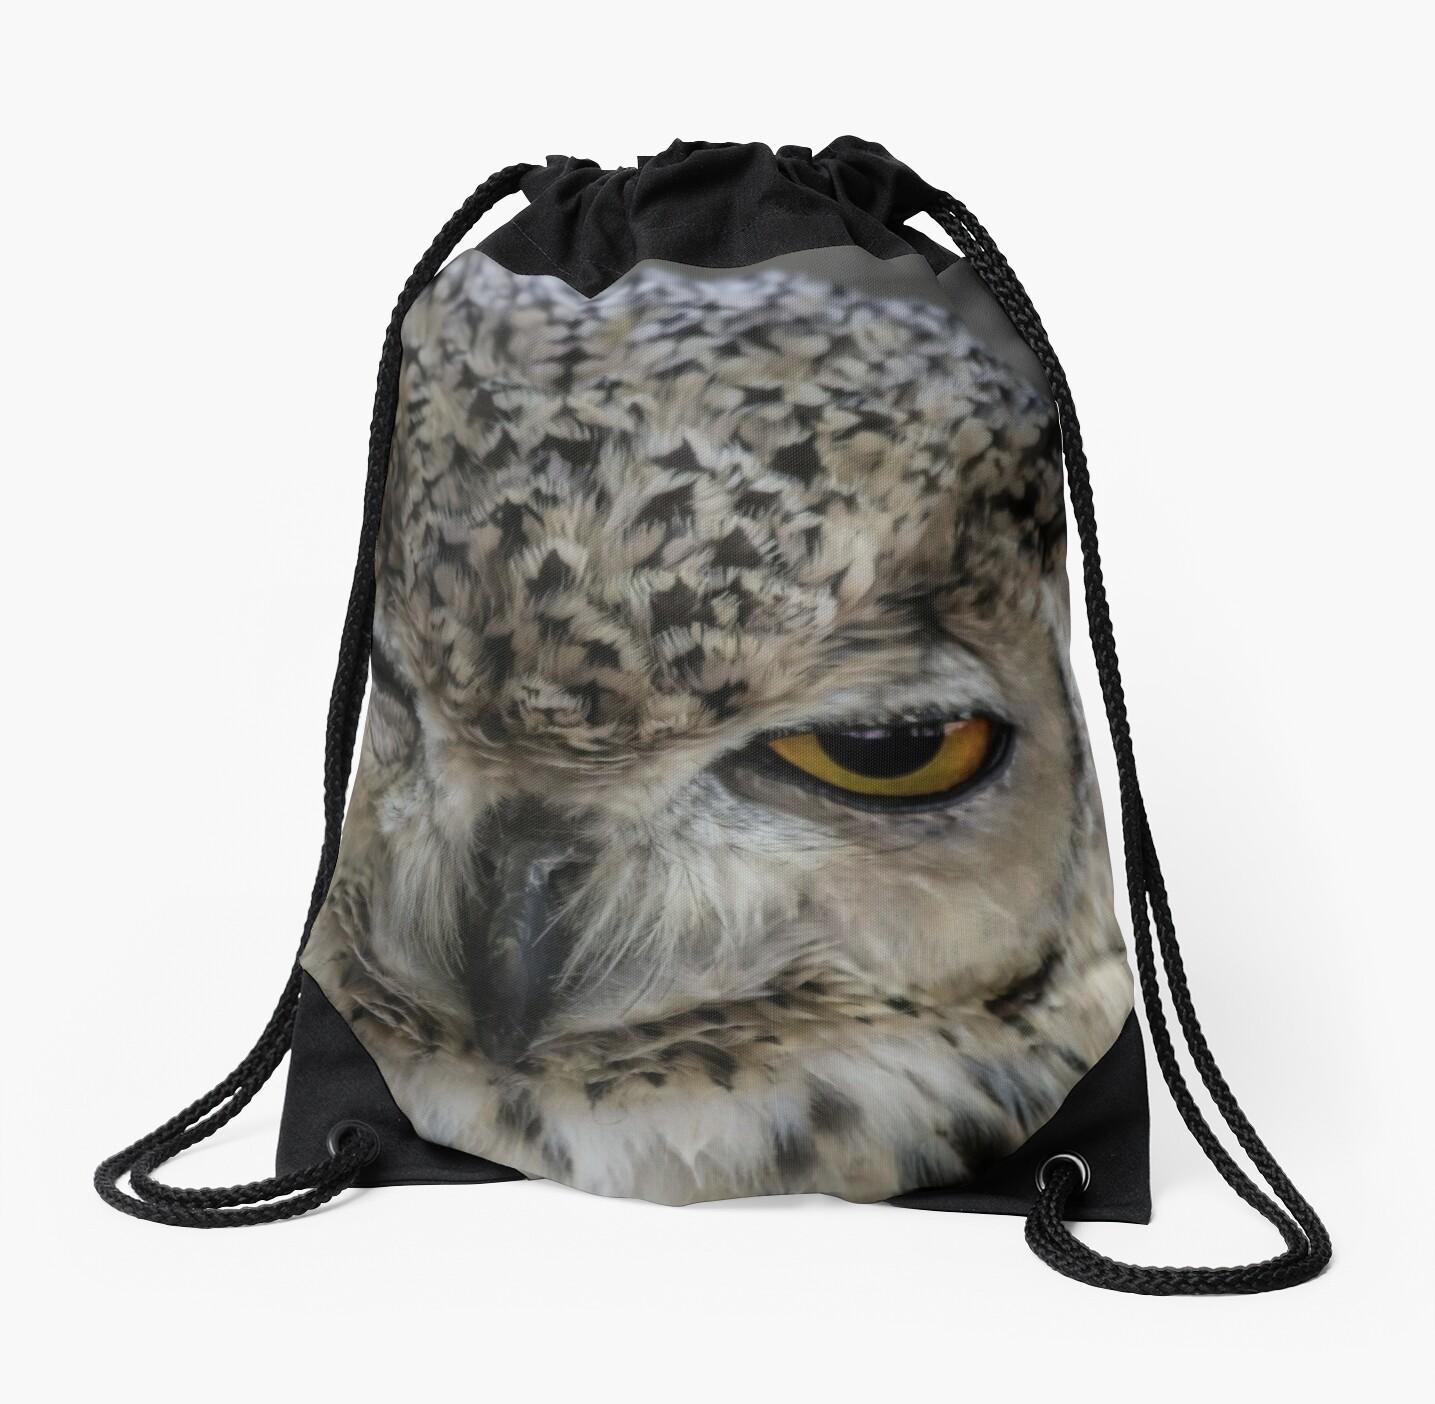 Winking Owl  by Dawn van Doorn